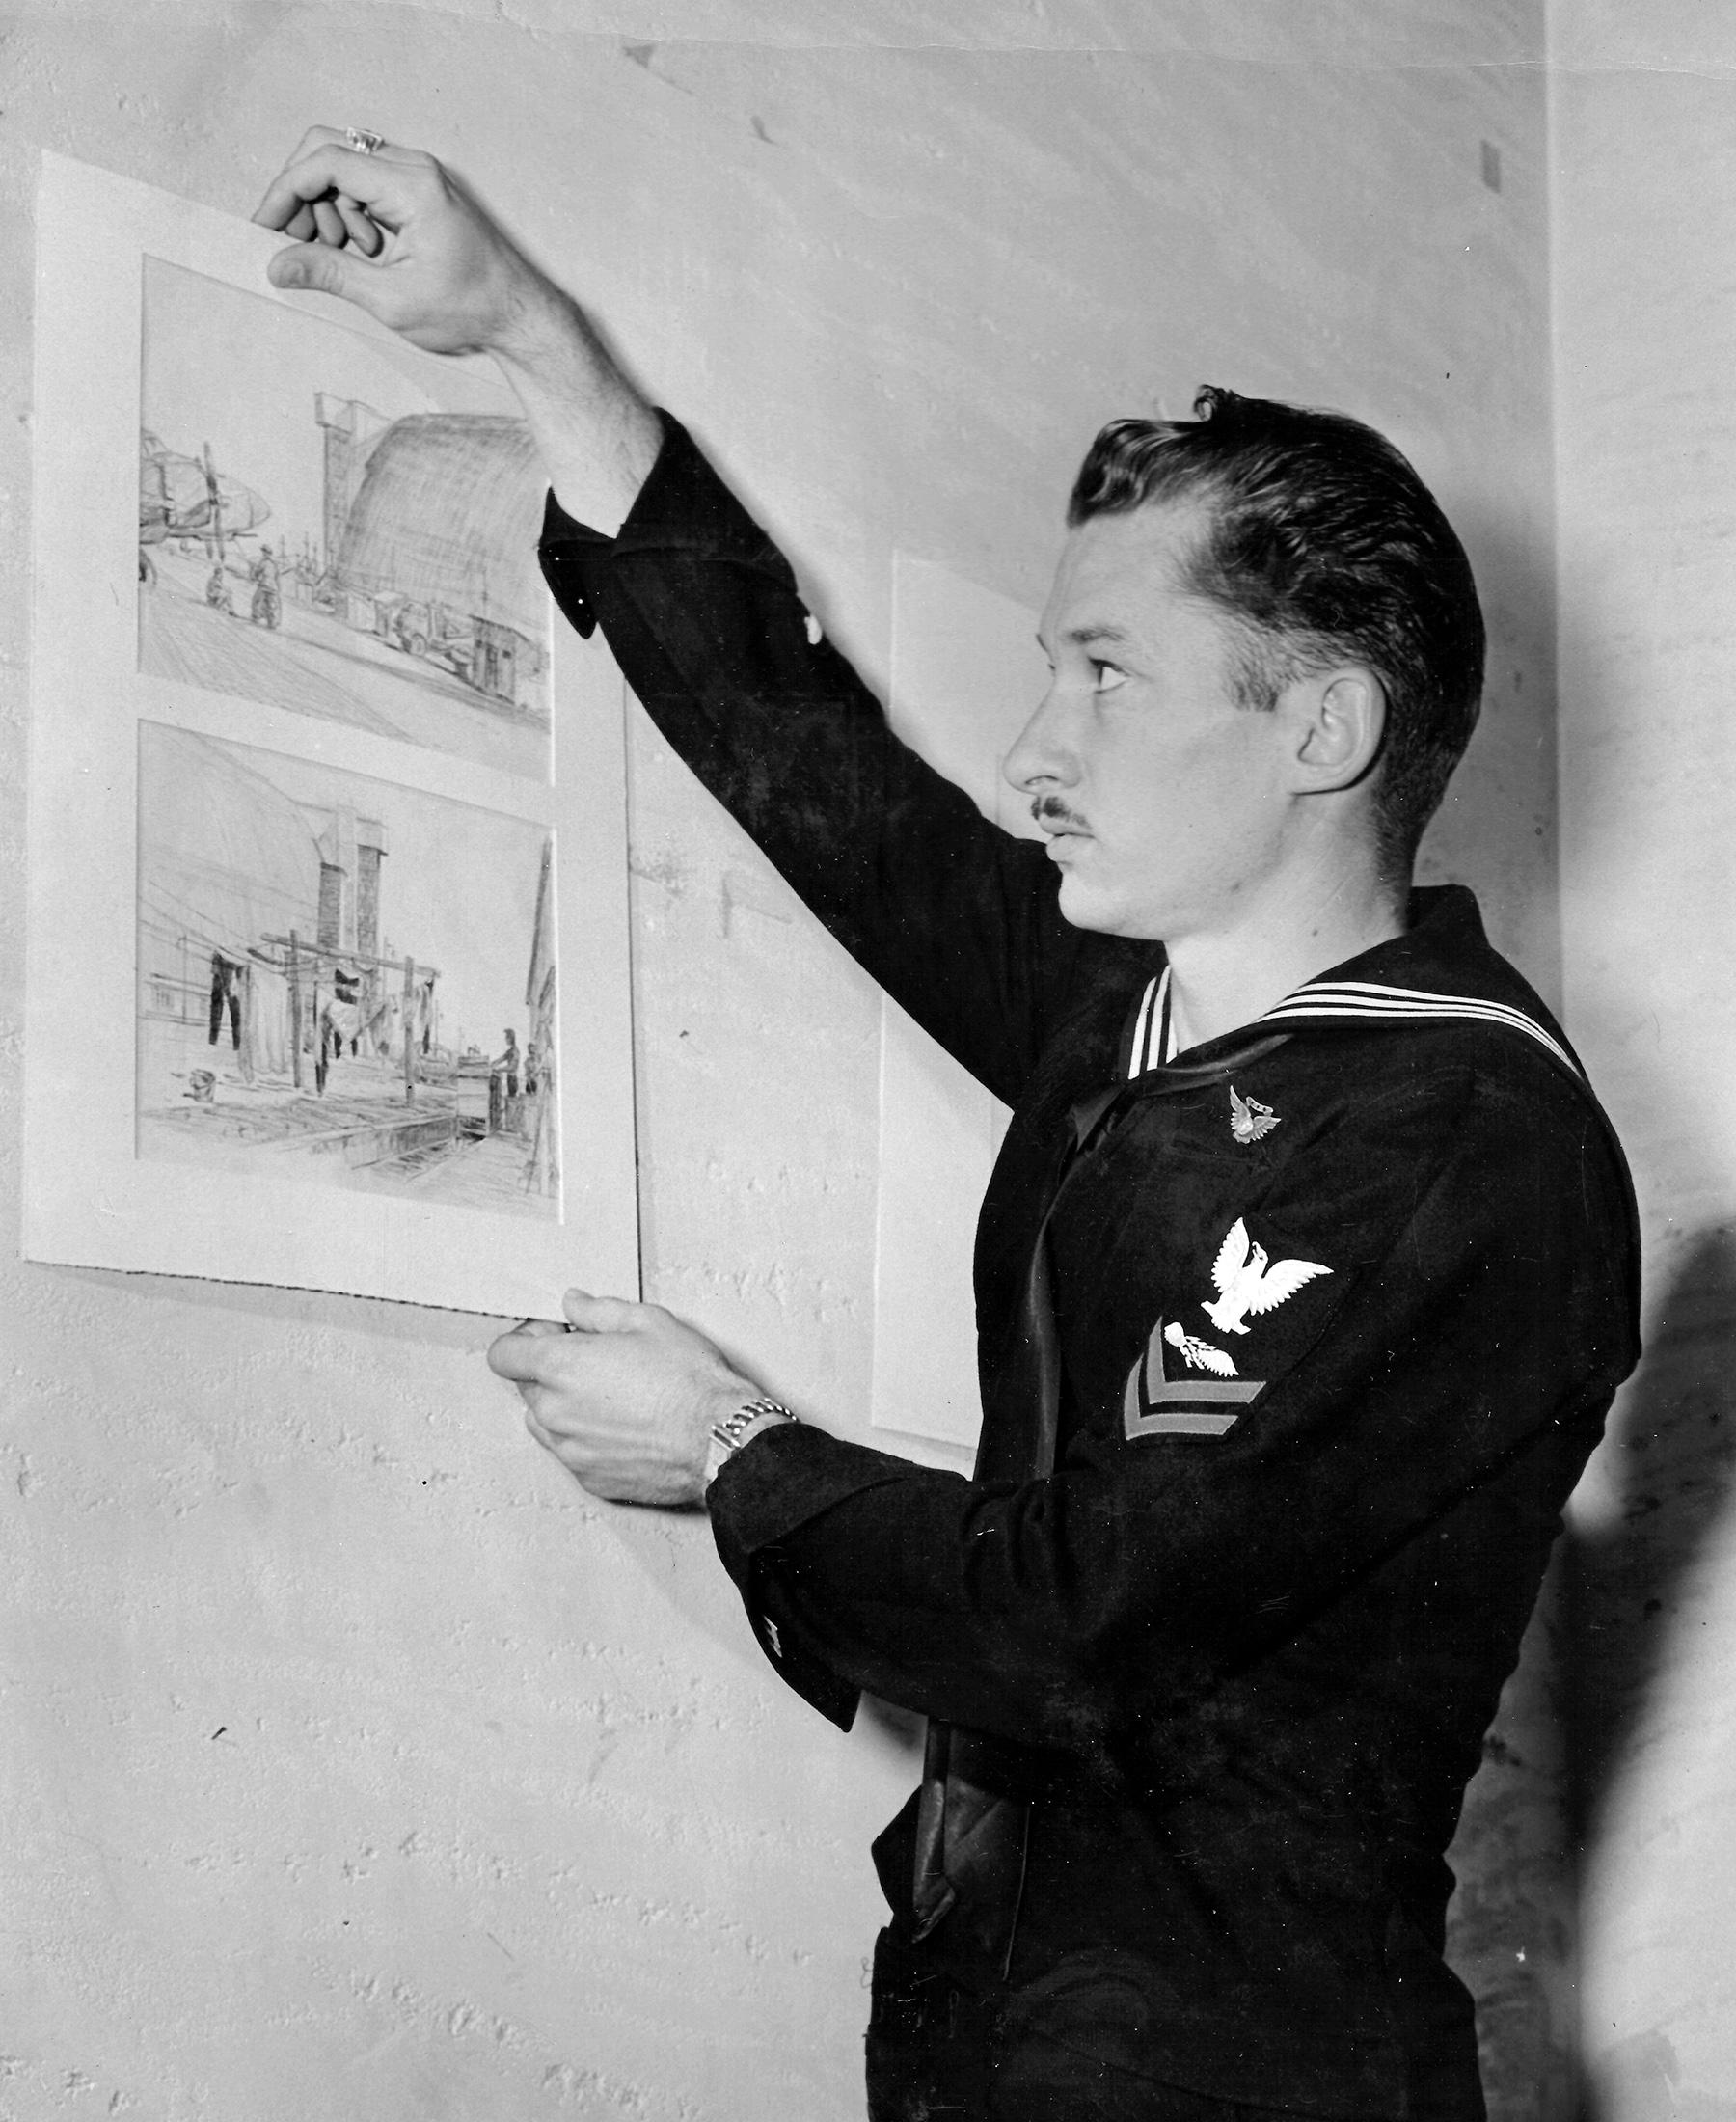 Mort Traylor WWII blimp squadron art exhibit